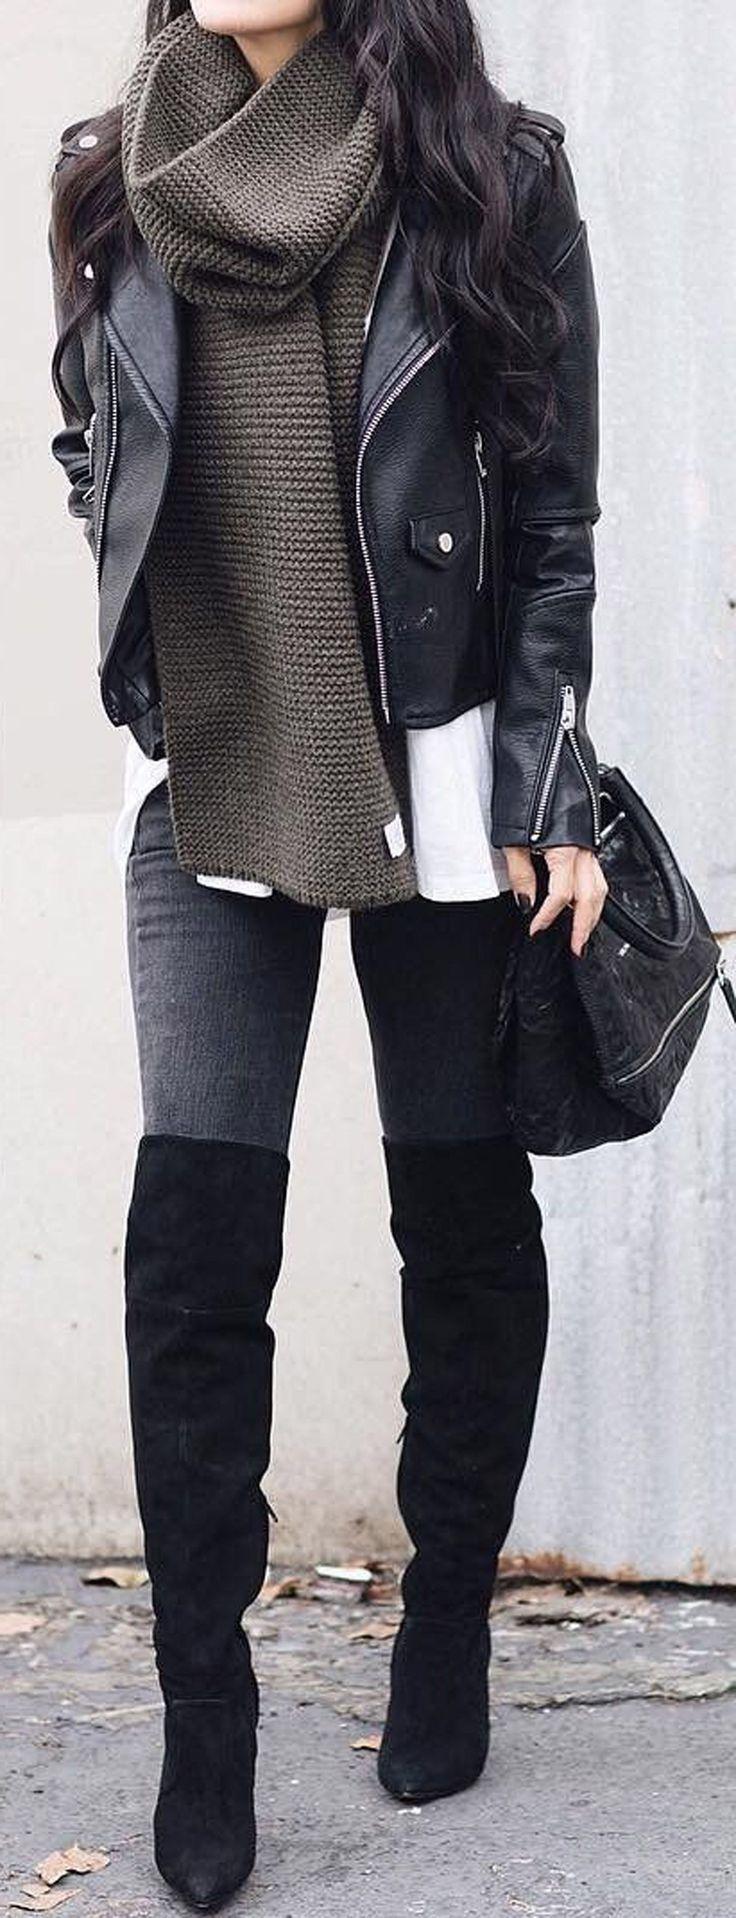 50 Winter Outfit Ideen für 2017, die stilvolle AF sind – Poshiroo # JeansDamenOver5